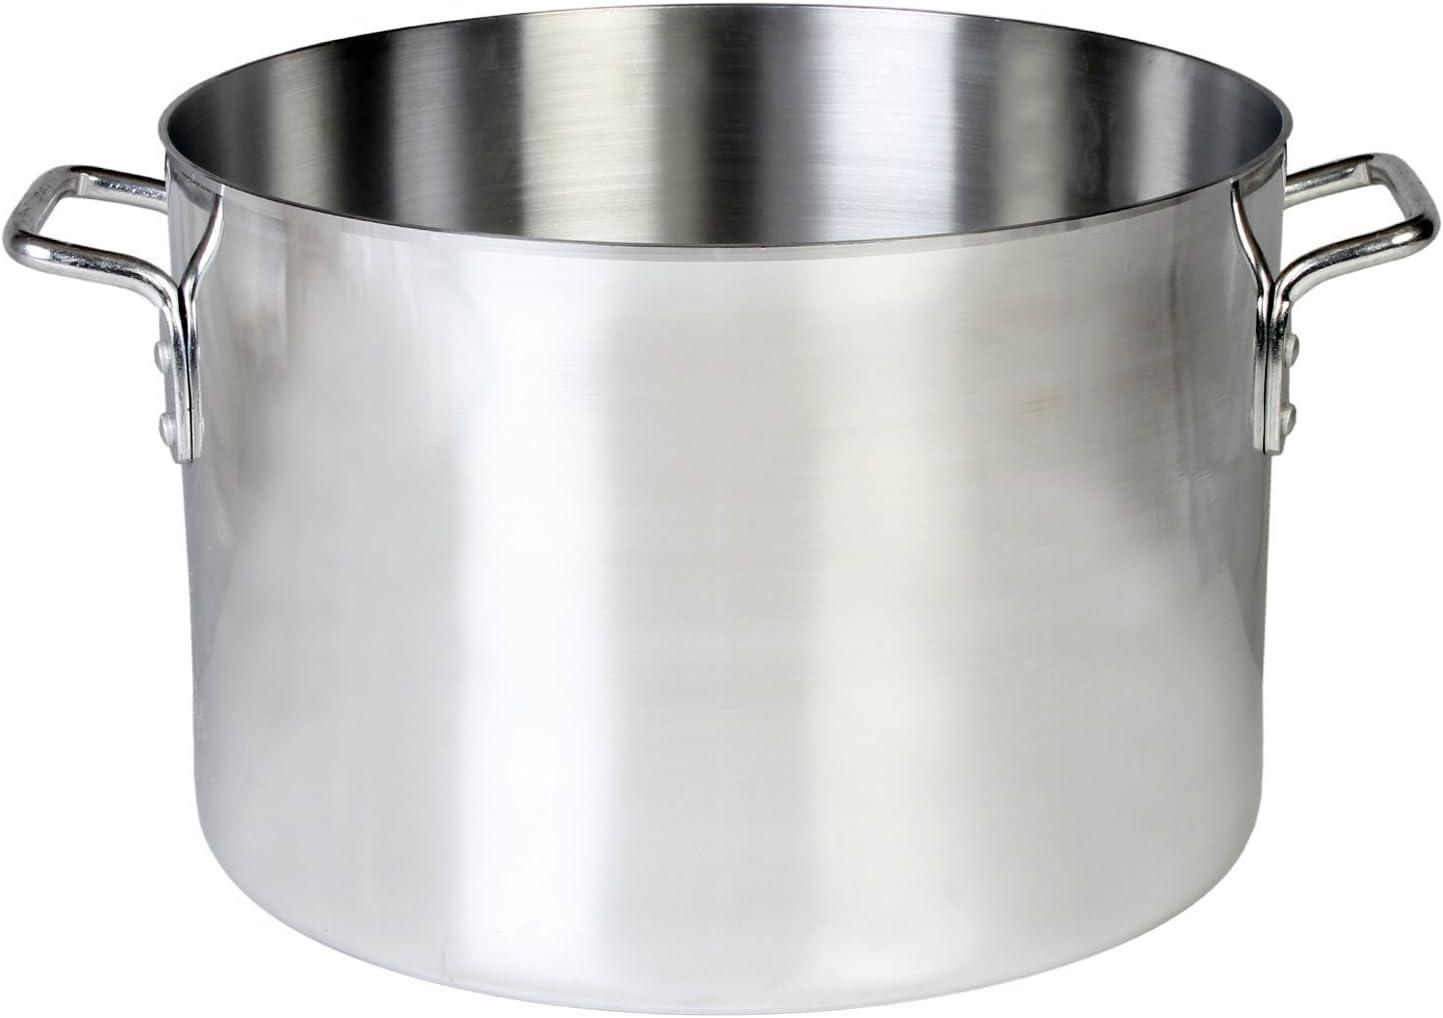 Thunder Group 60 Quart Aluminum Sauce Pot